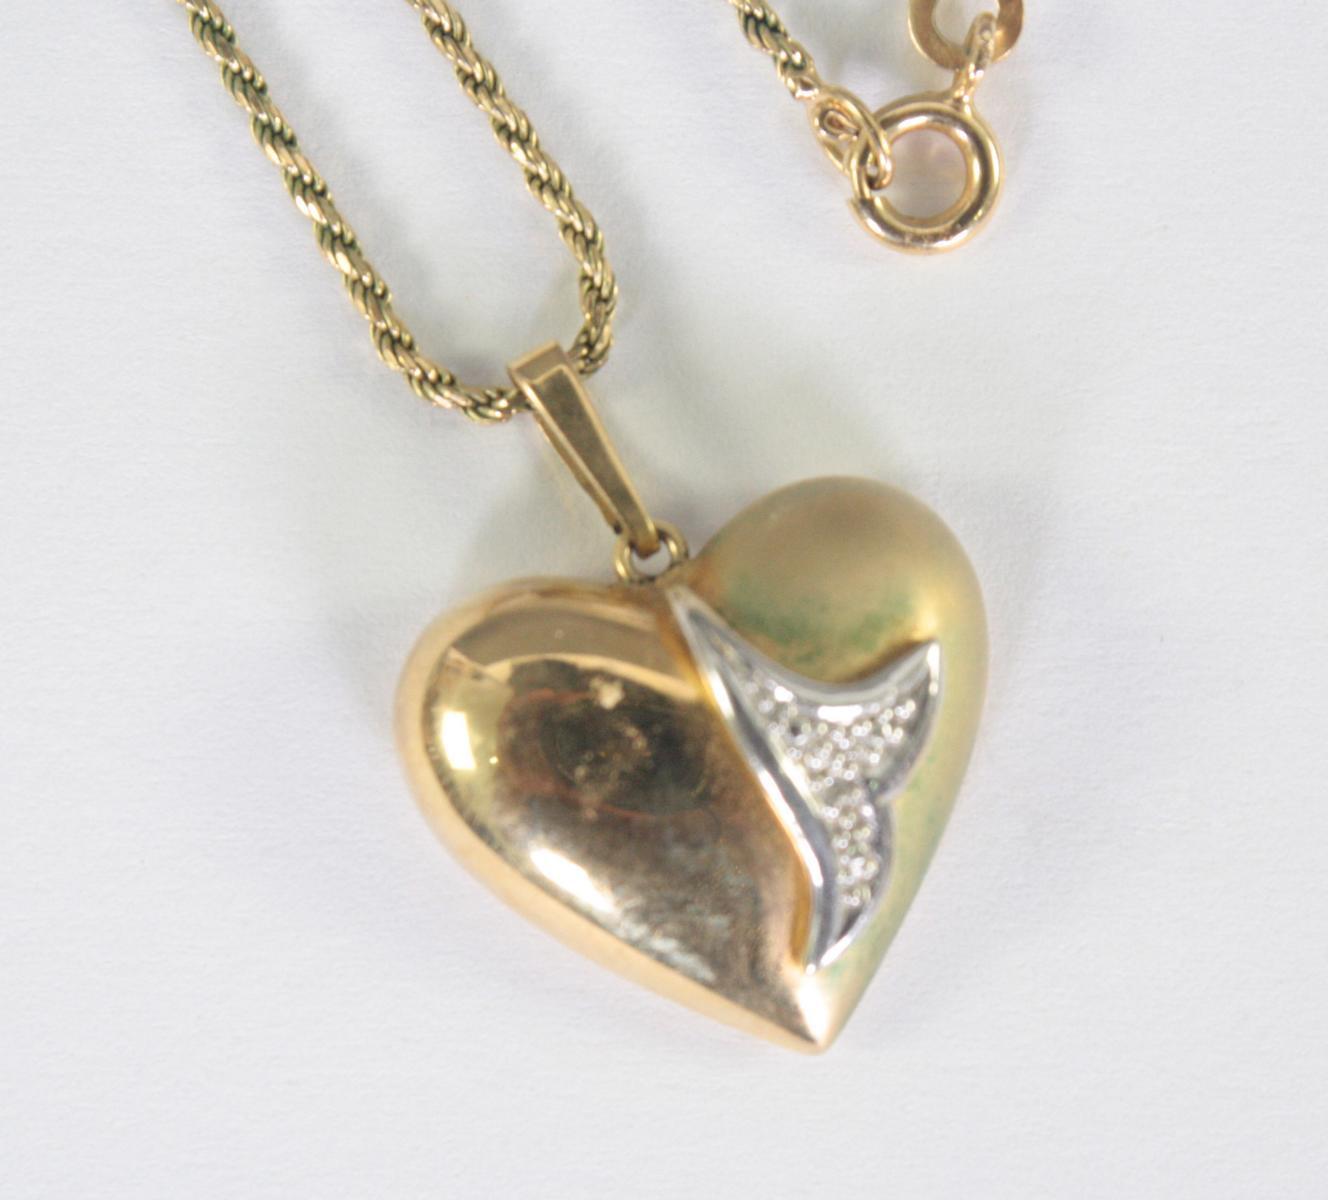 Halskette mit Herzanhänger, 8 Karat Gelbgold-2